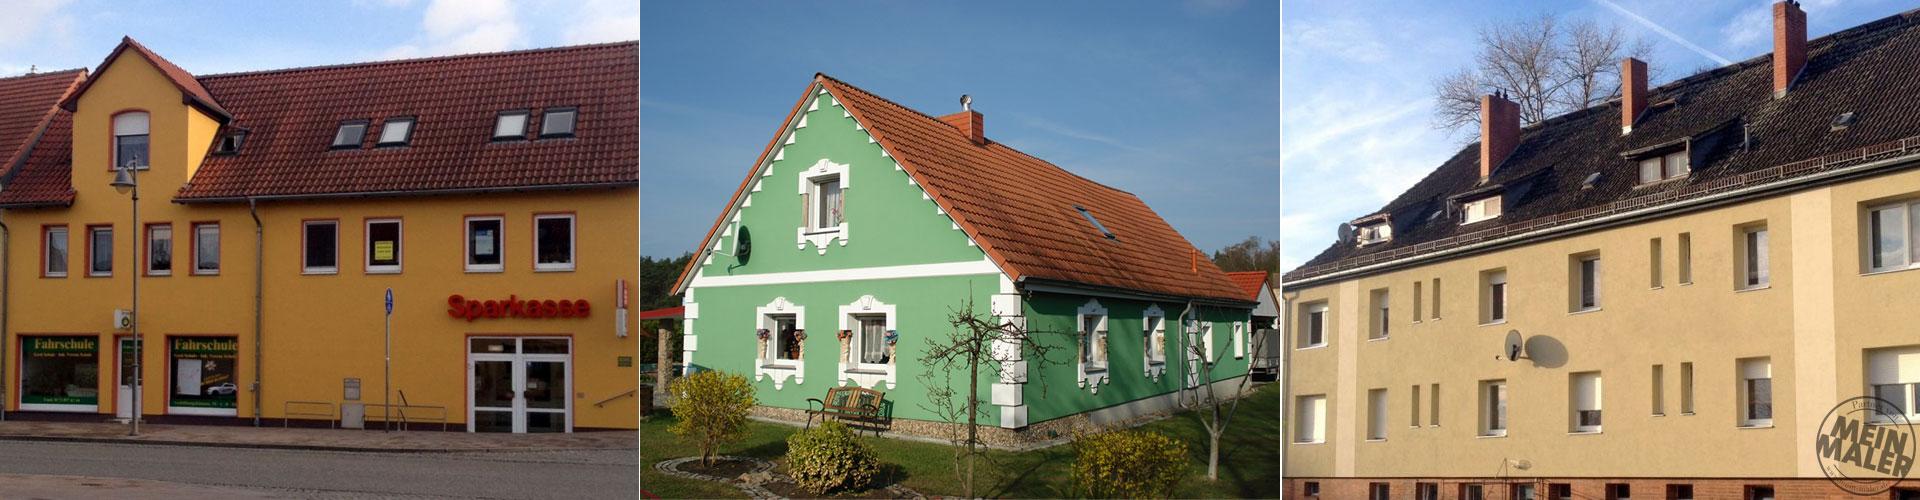 Fläming Malerei Treuenbrietzen / Potsdam Gestaltung von Fassaden